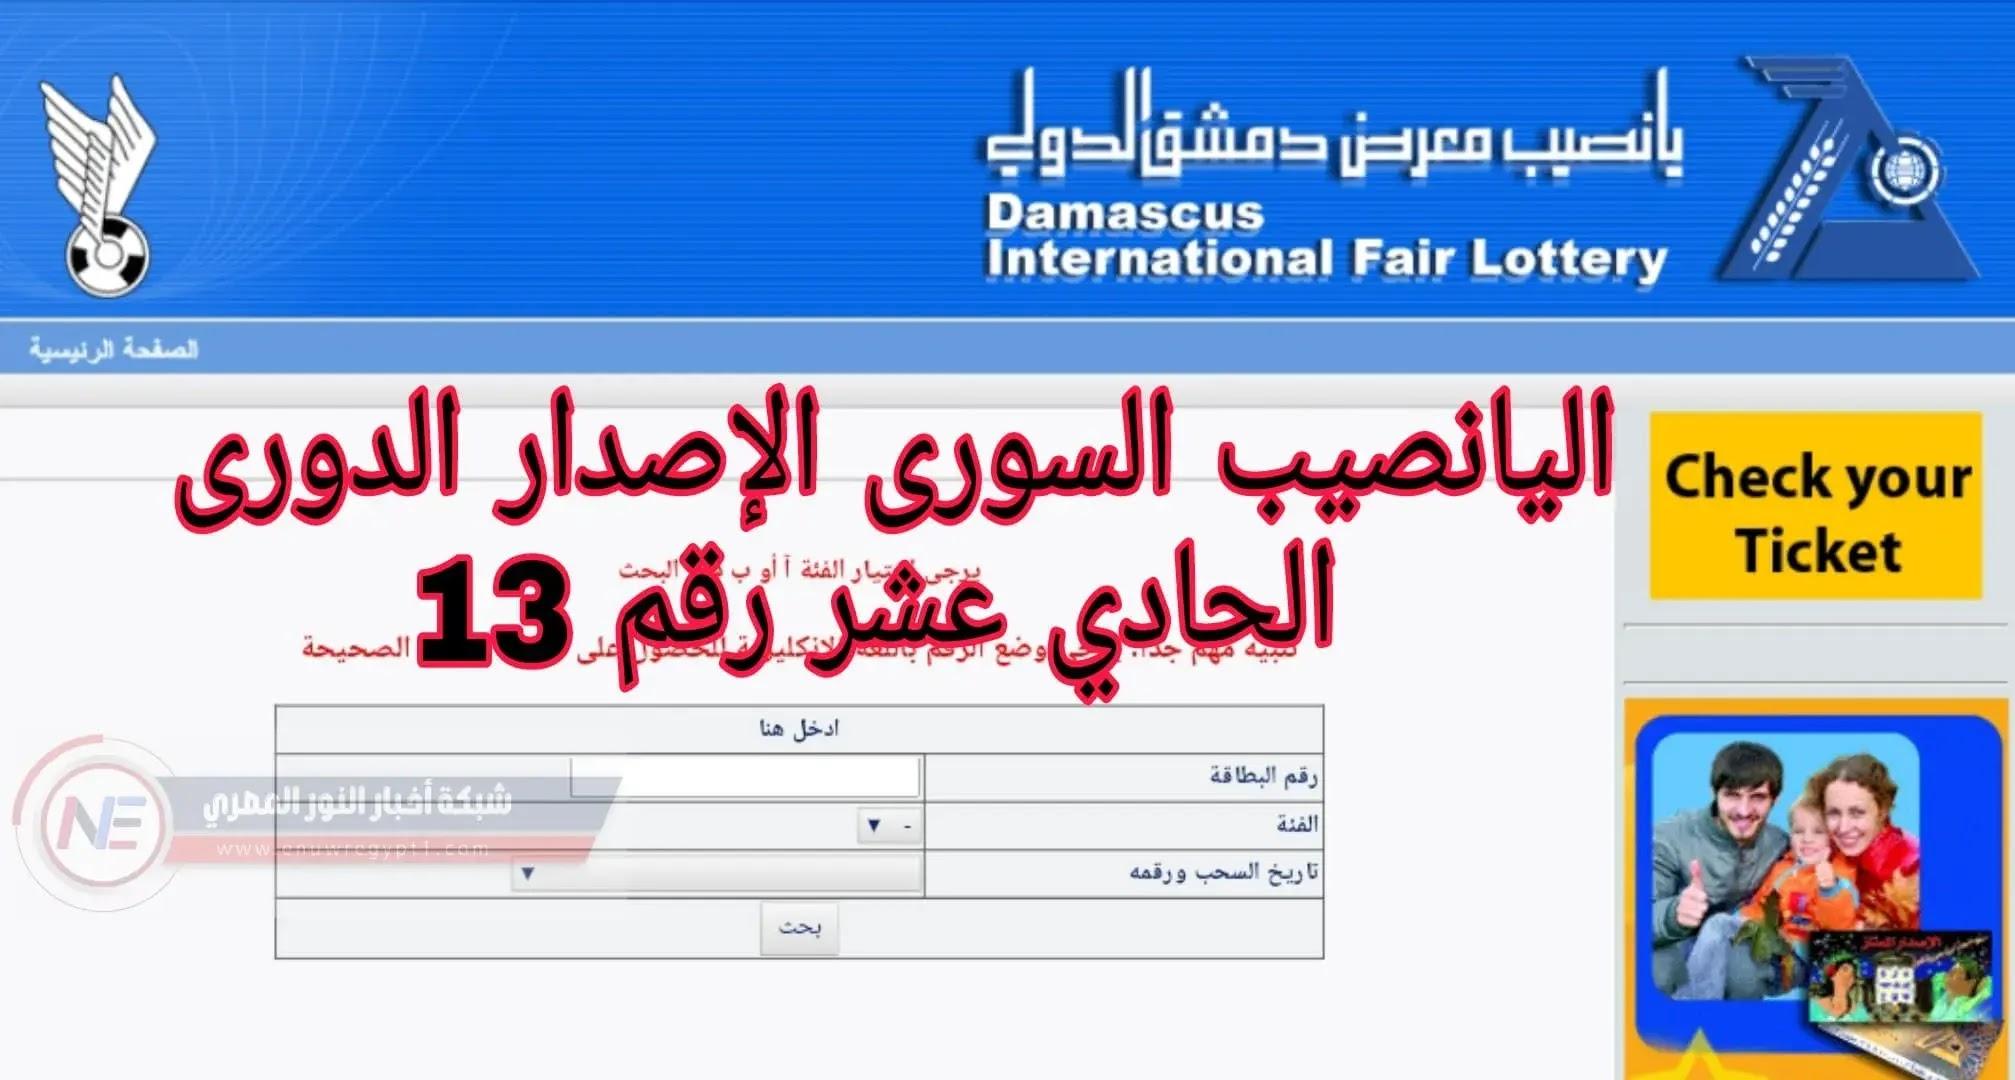 هنا الارقام الرابحة | نتائج يانصيب معرض دمشق الدولي 2021| الإصدار الدورى الحادي عشر رقم 13 لعام 2021 | صدرت اليوم 06-04-2021 ارقام البطاقات الرابحة يانصيب دمشق السوري 2021